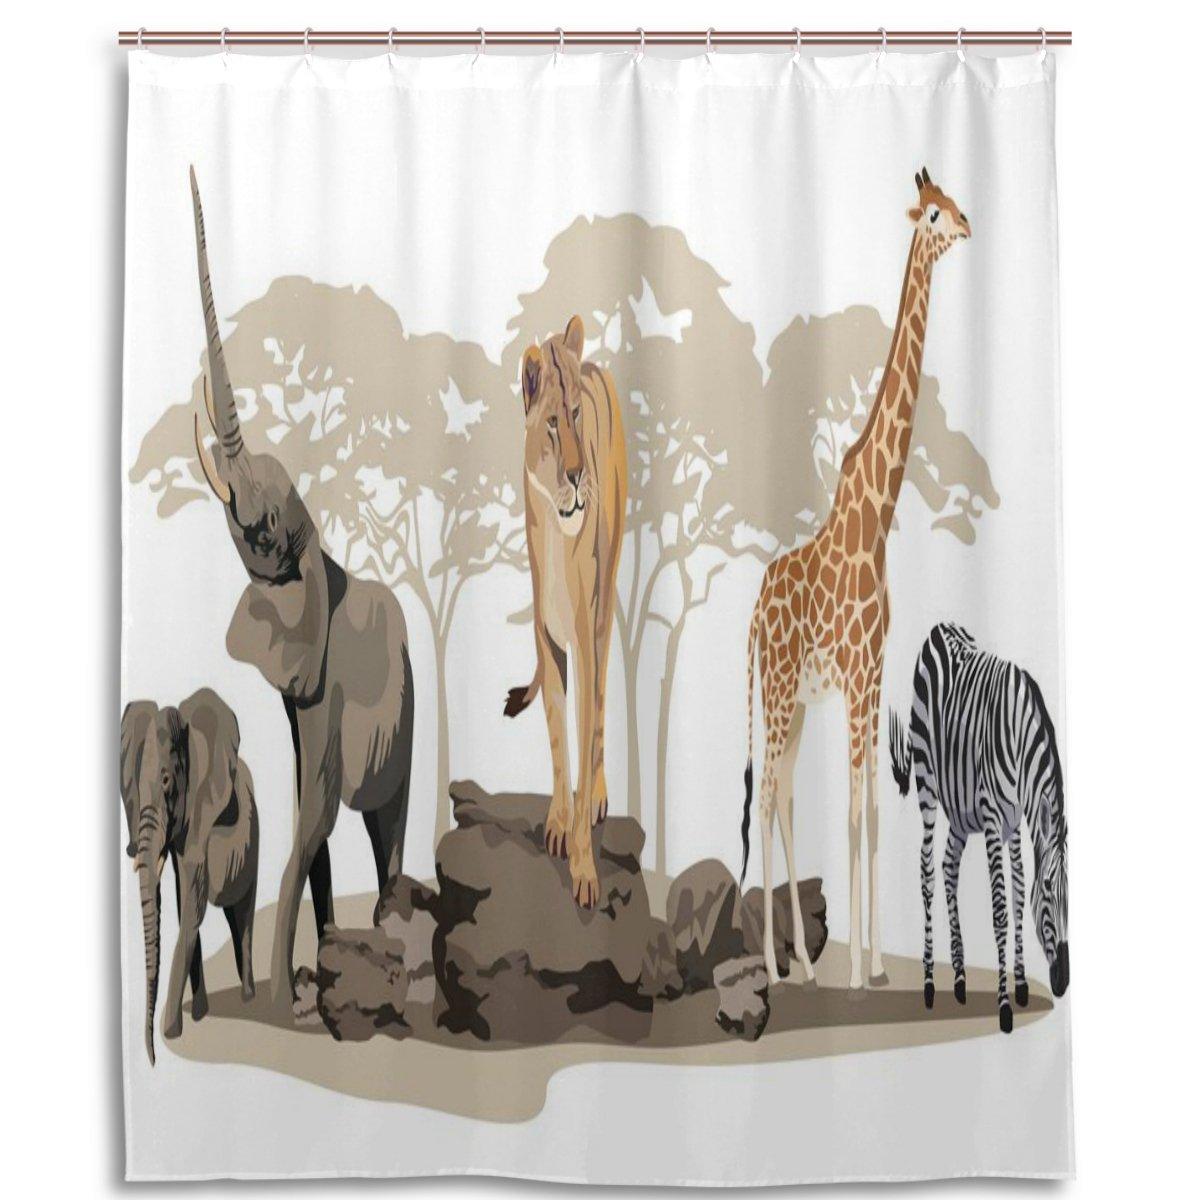 Giraffe Bathroom Decor El Elephant Shower Curtain